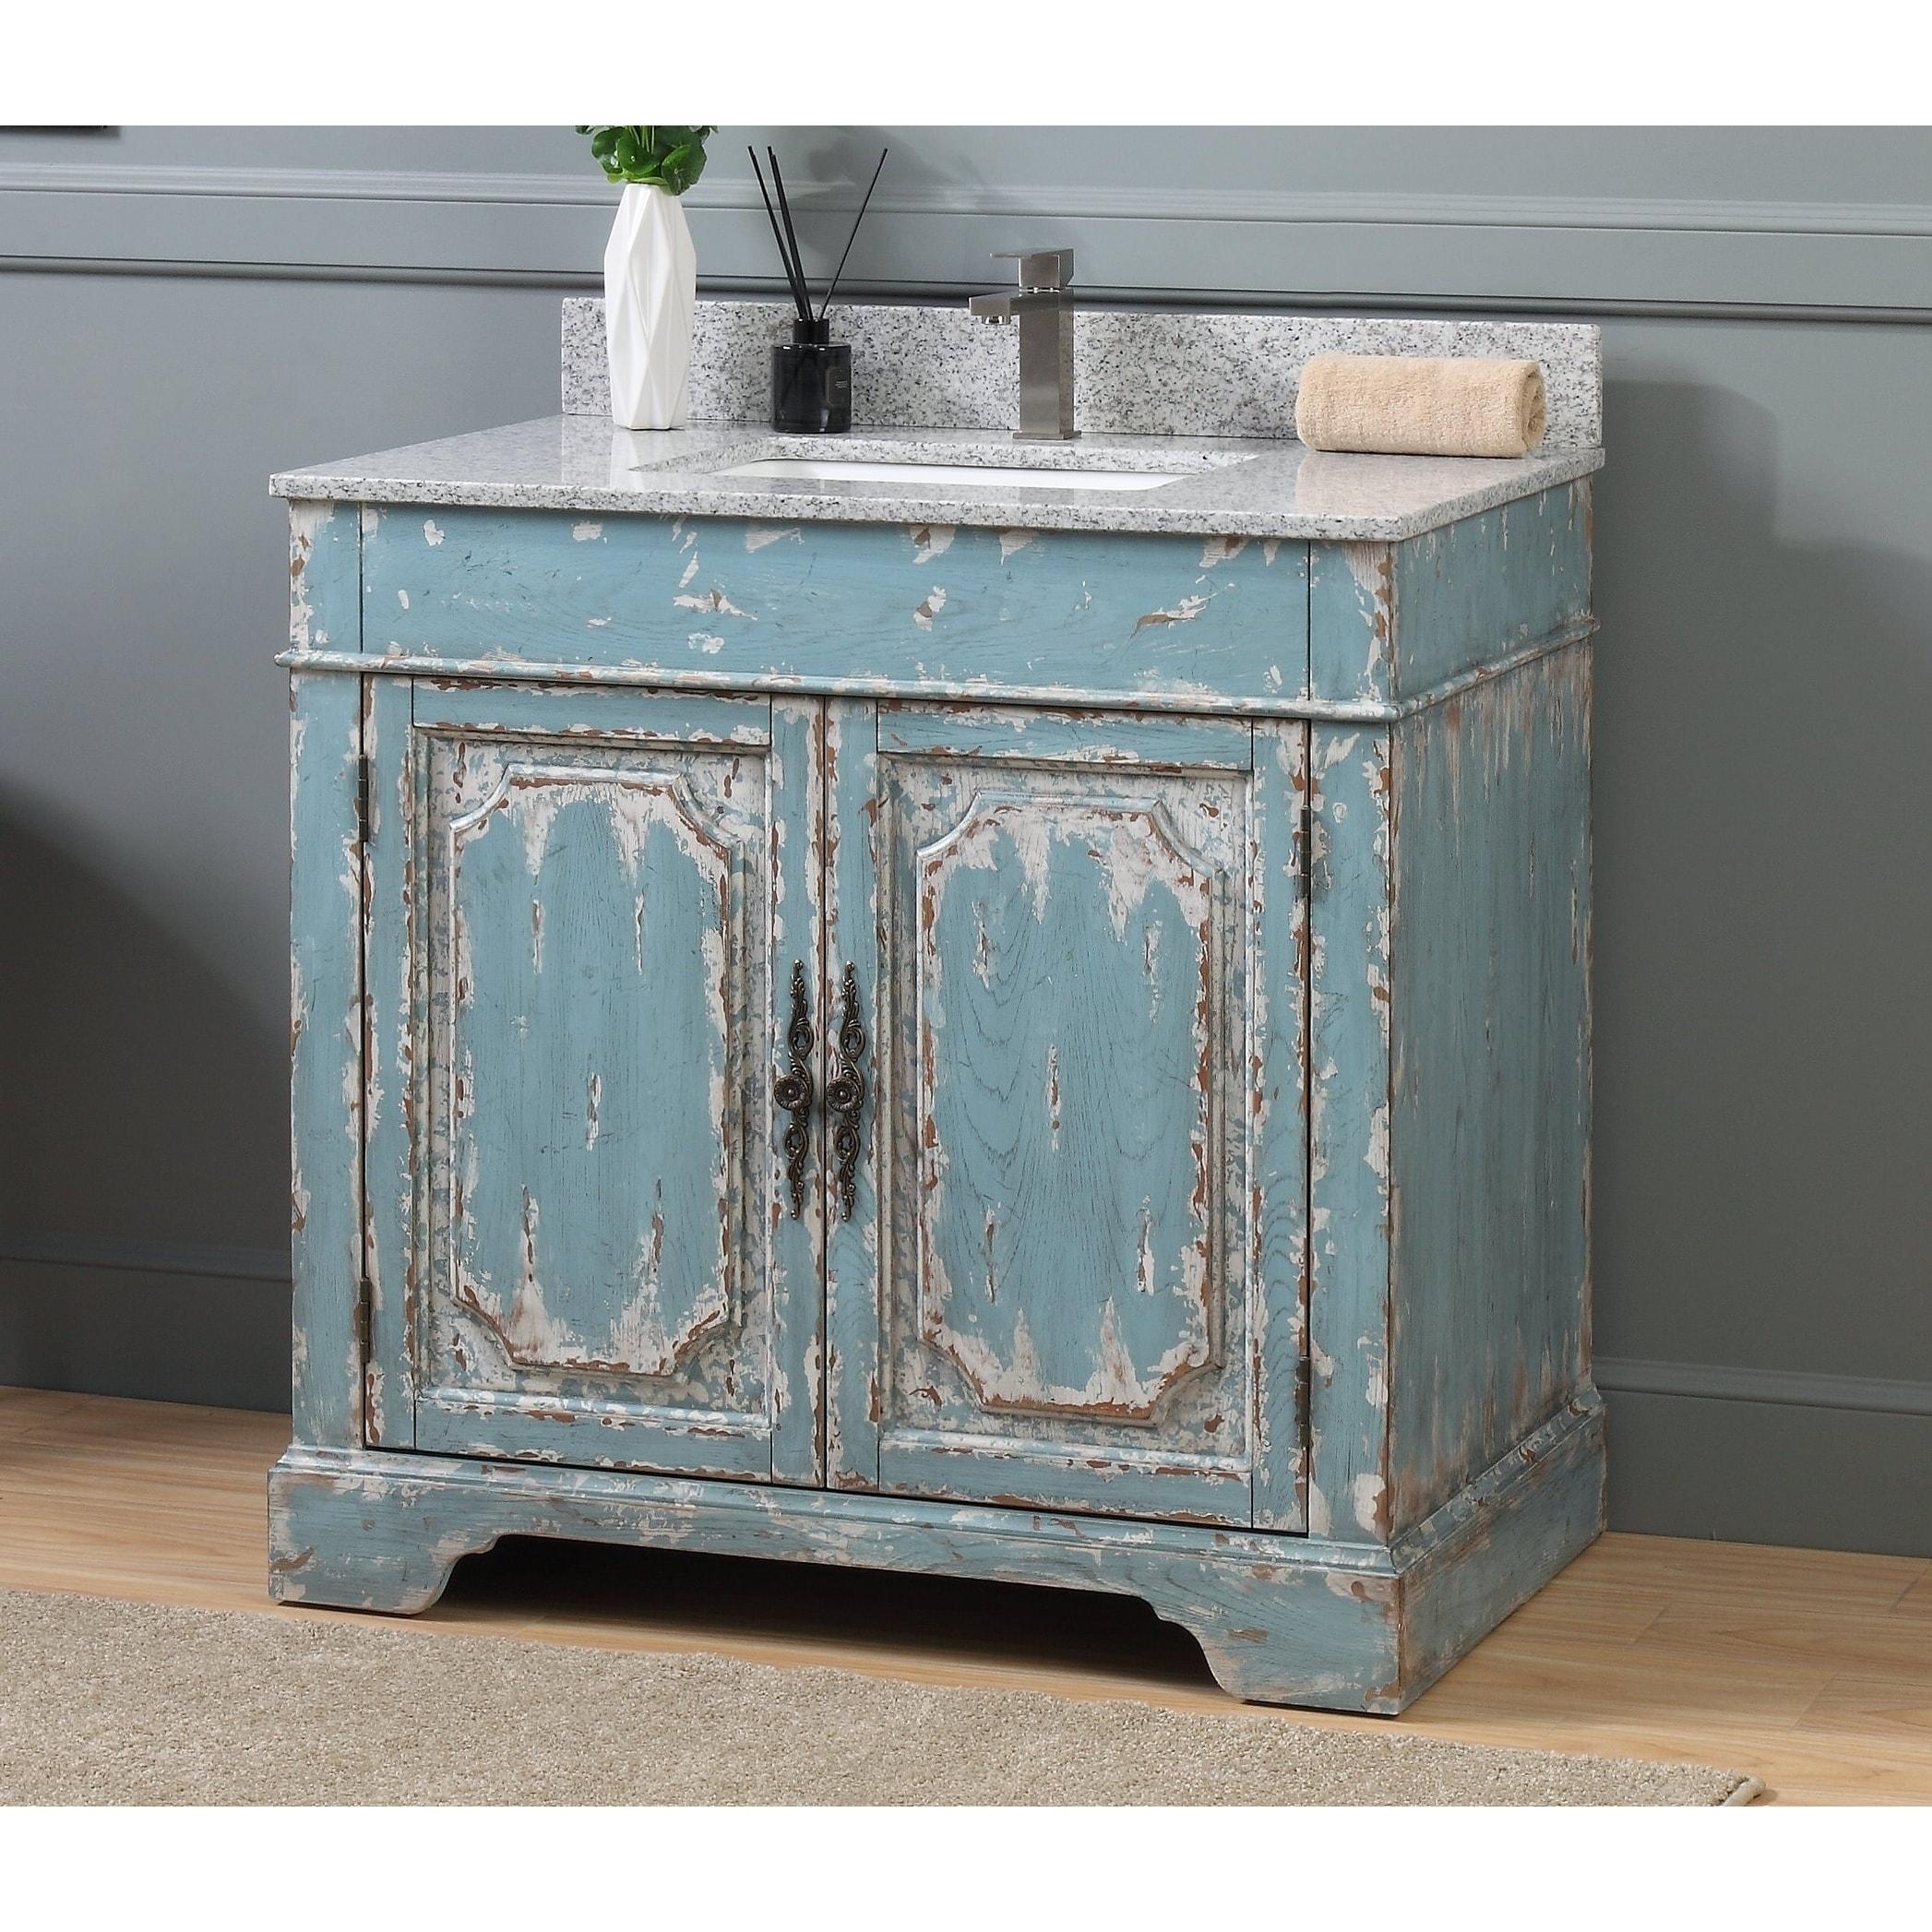 36 Benton Collection Litchfield Rustic Light Blue Bathroom Vanity Overstock 25982904